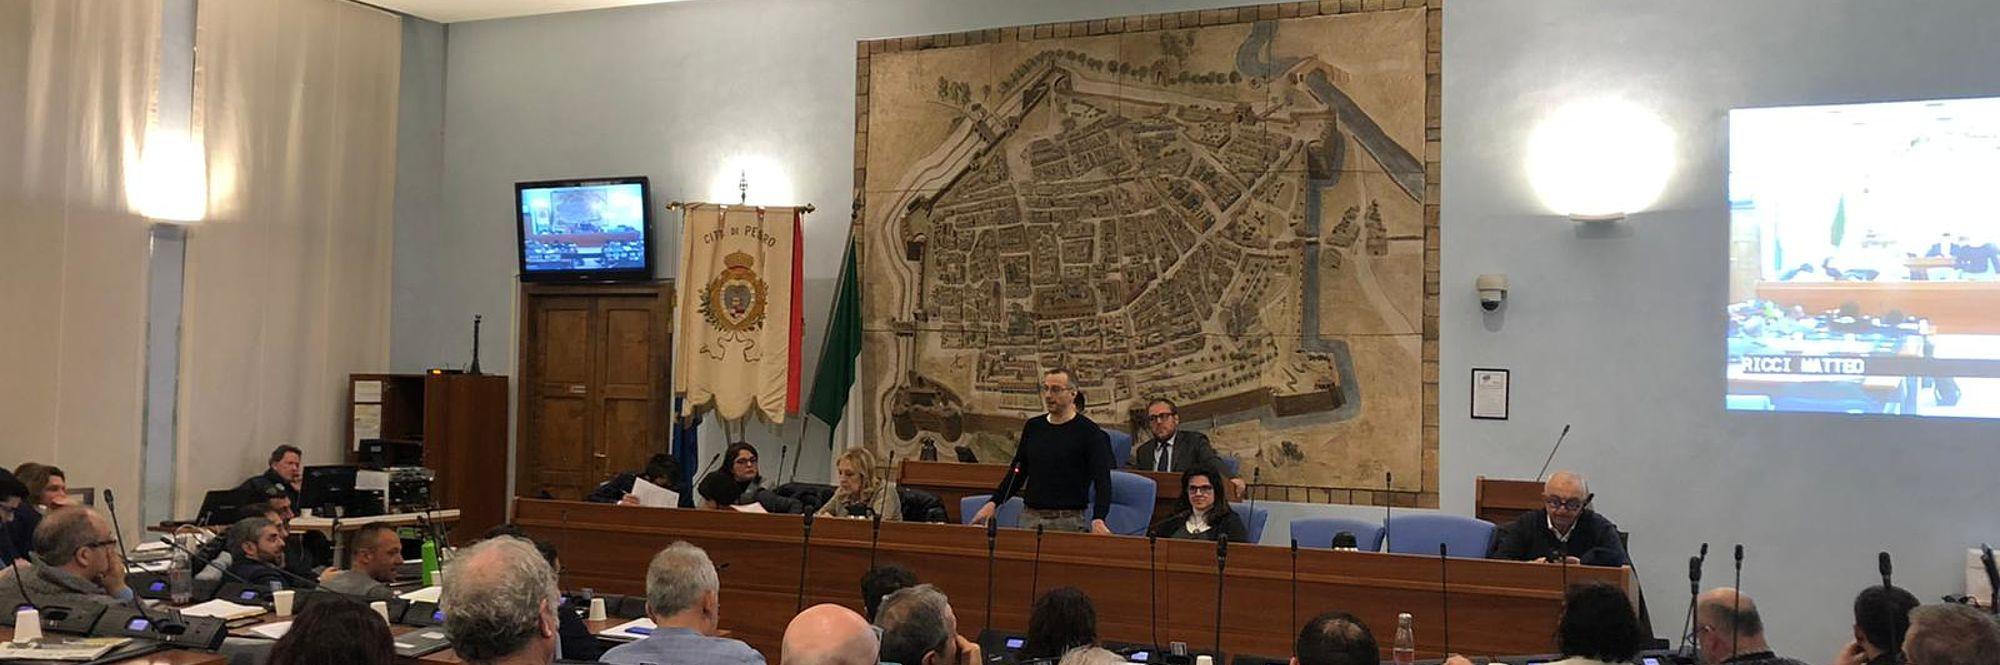 Fusione Pesaro-Monteciccardo, via libera dal consiglio alla proposta di legge approvata dalla giunta regionale